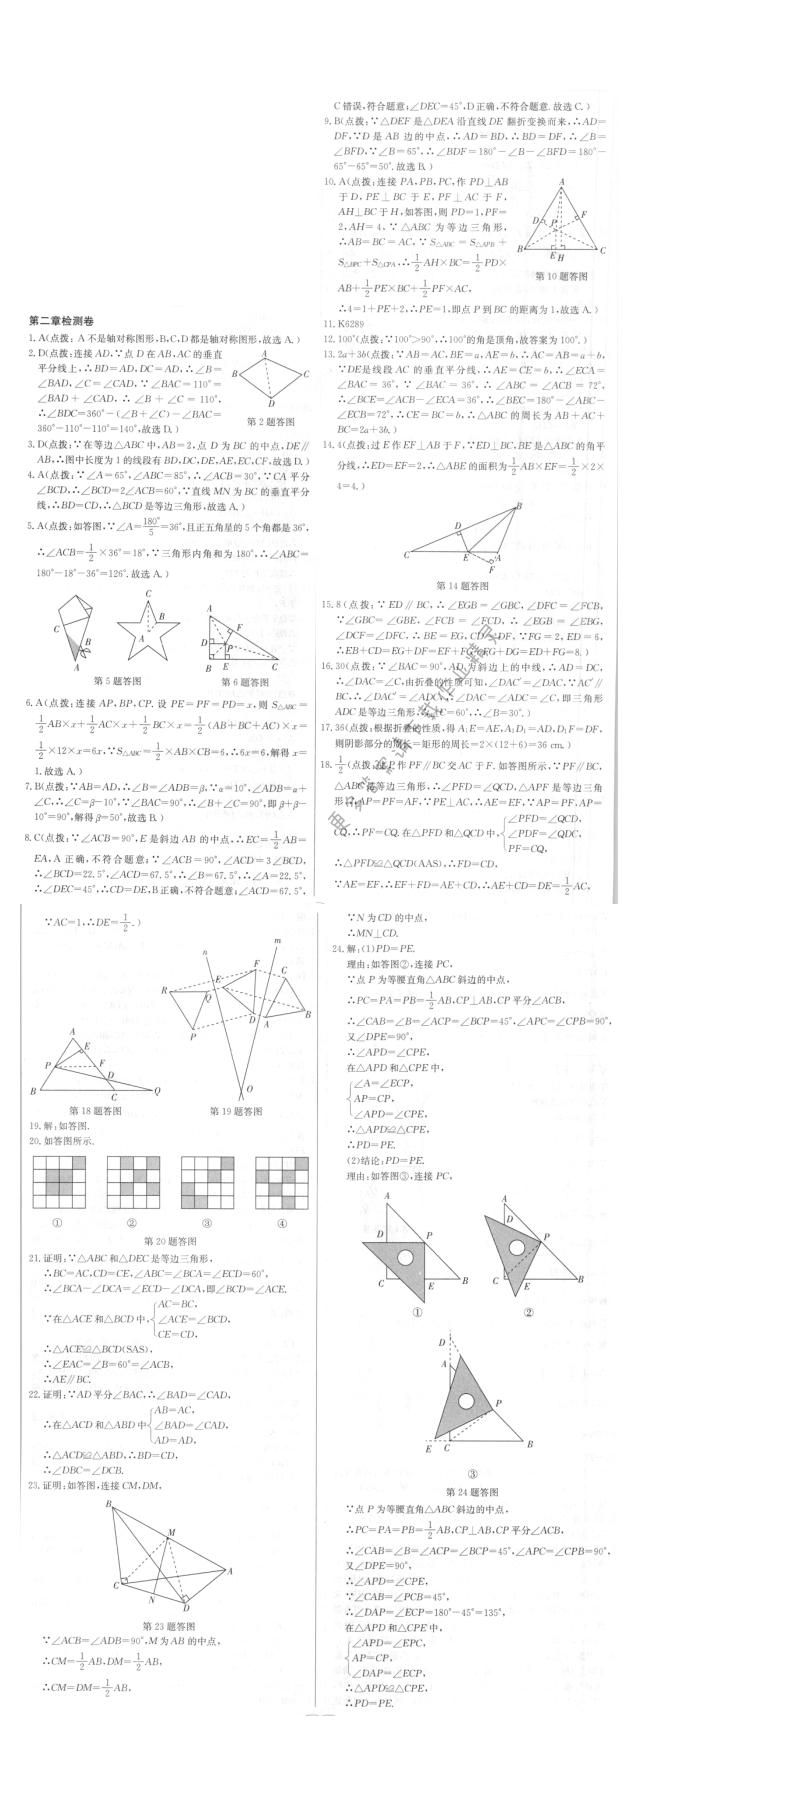 启东中学作业本八年级数学上册江苏版 第二章检测卷